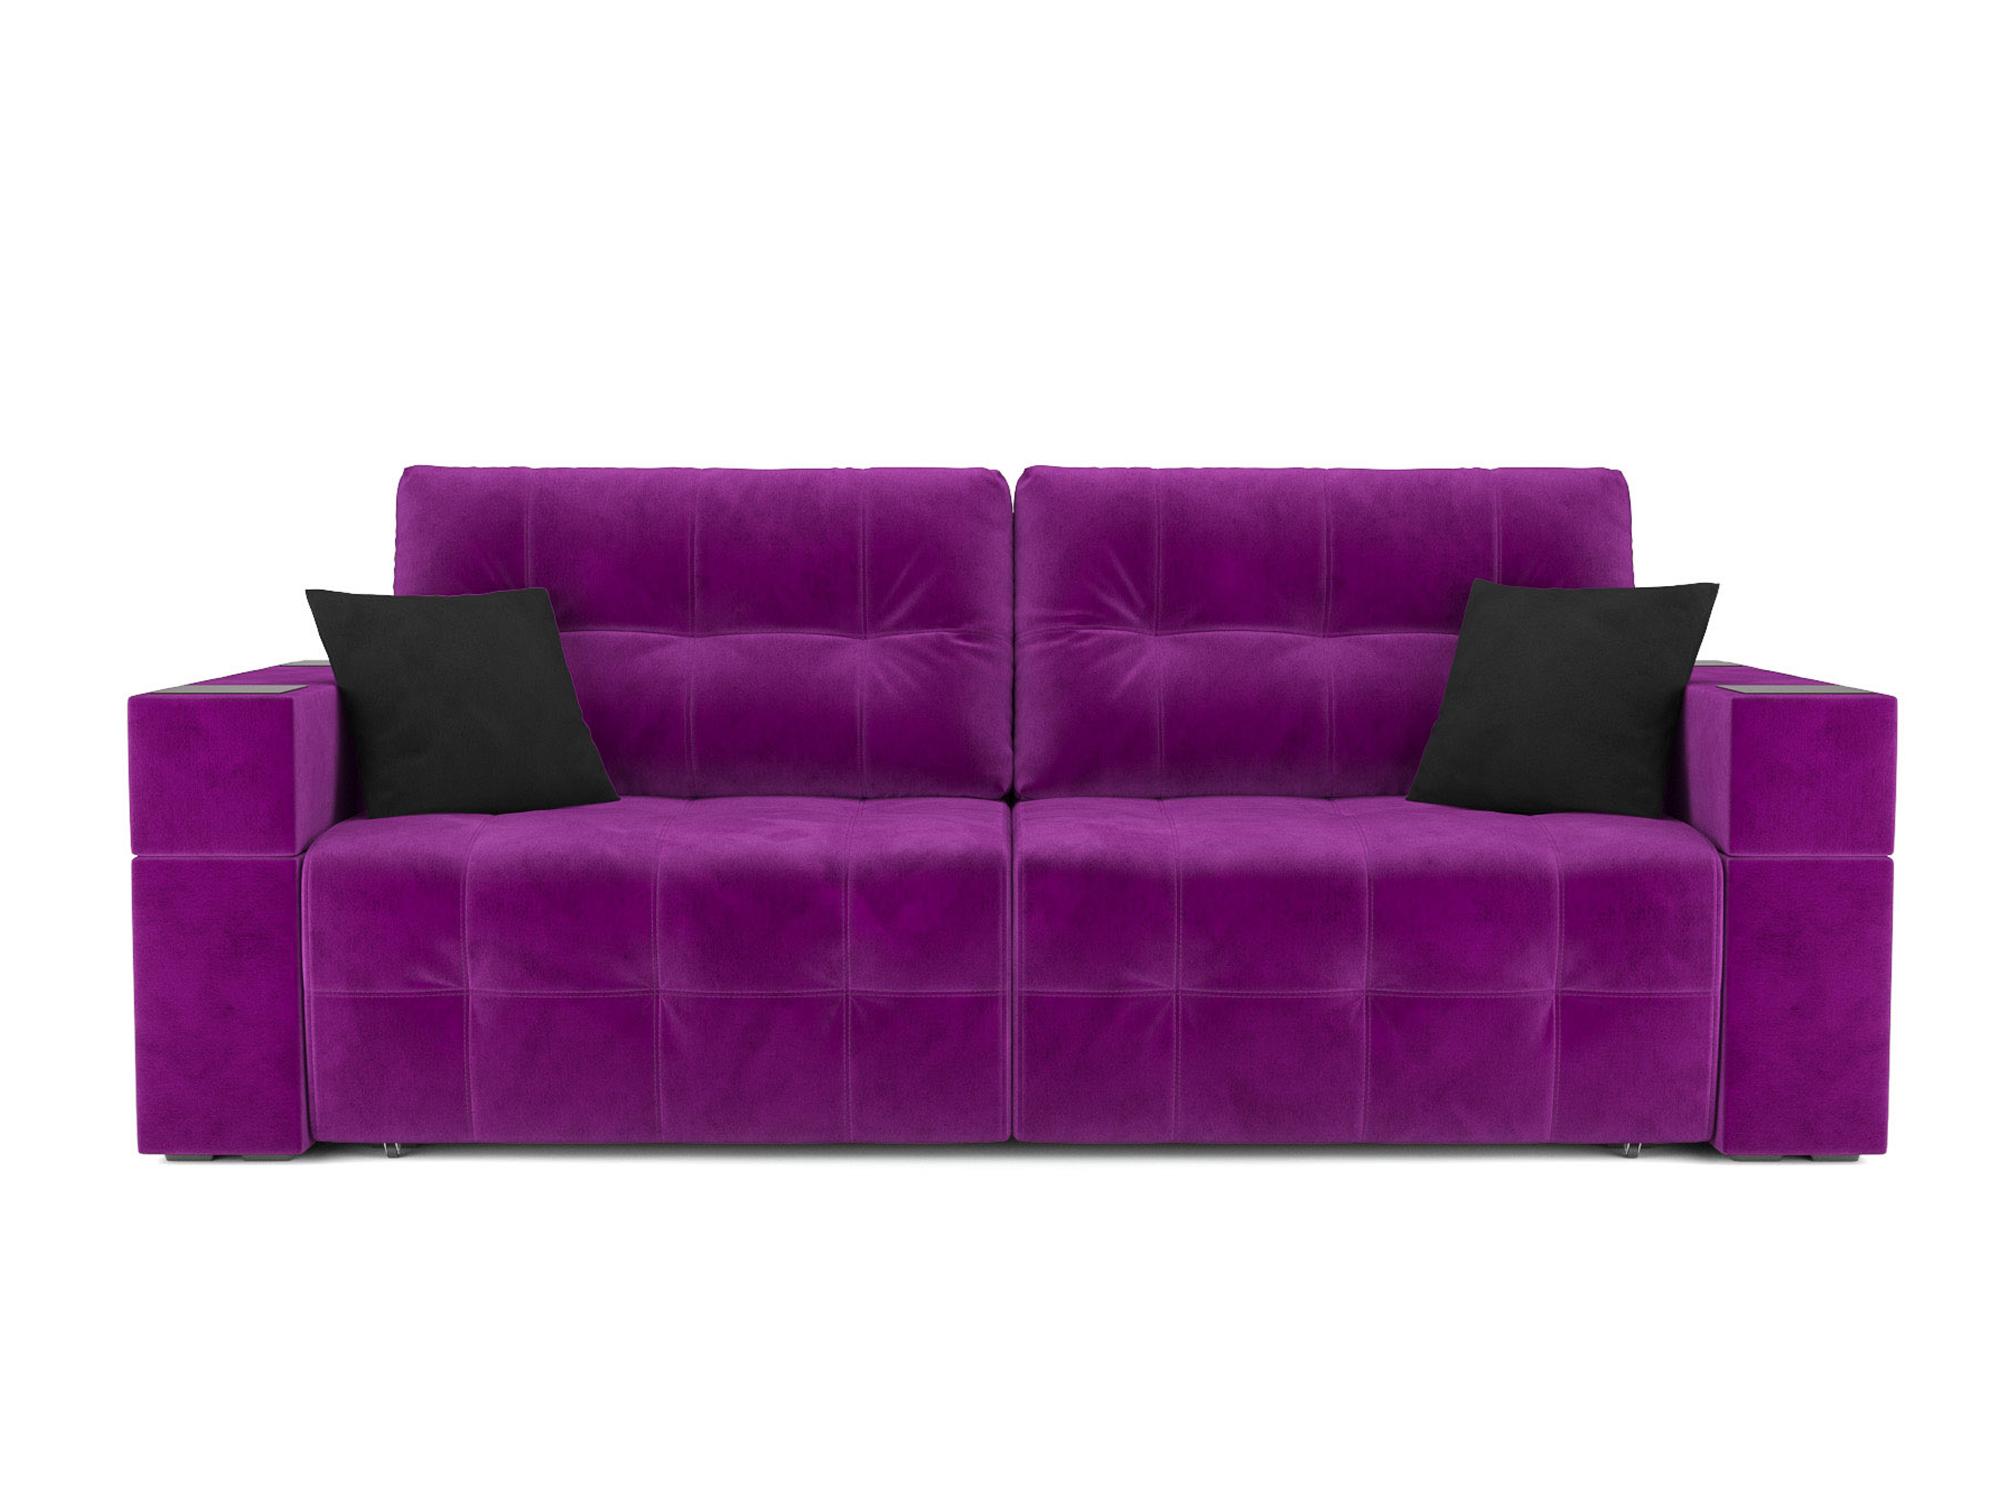 Диван Венеция (Еврокнижка) MebelVia Фиолетовый, Микровельвет, Брус со Фиолетовый